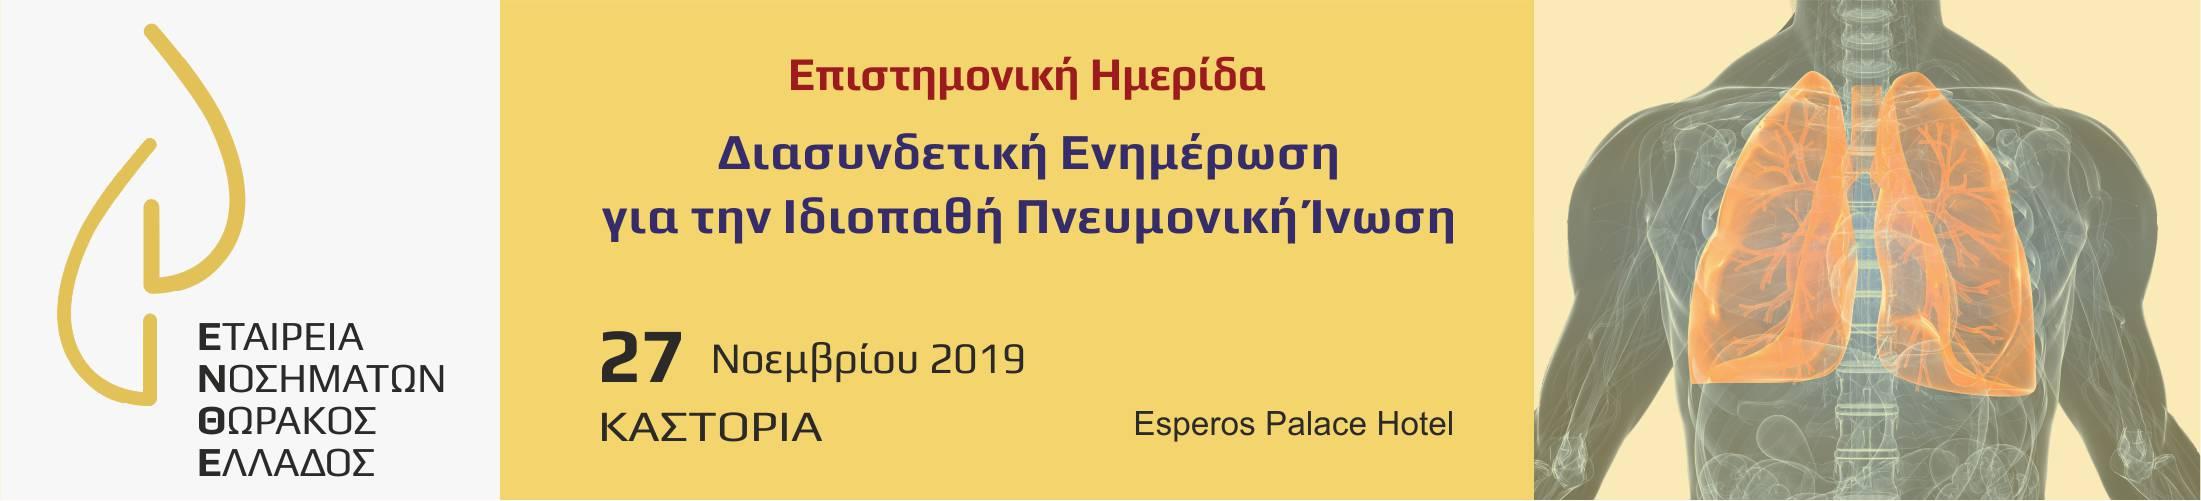 Ιδιοπαθή Πνευμονική Ίνωση - Καστοριά-1c